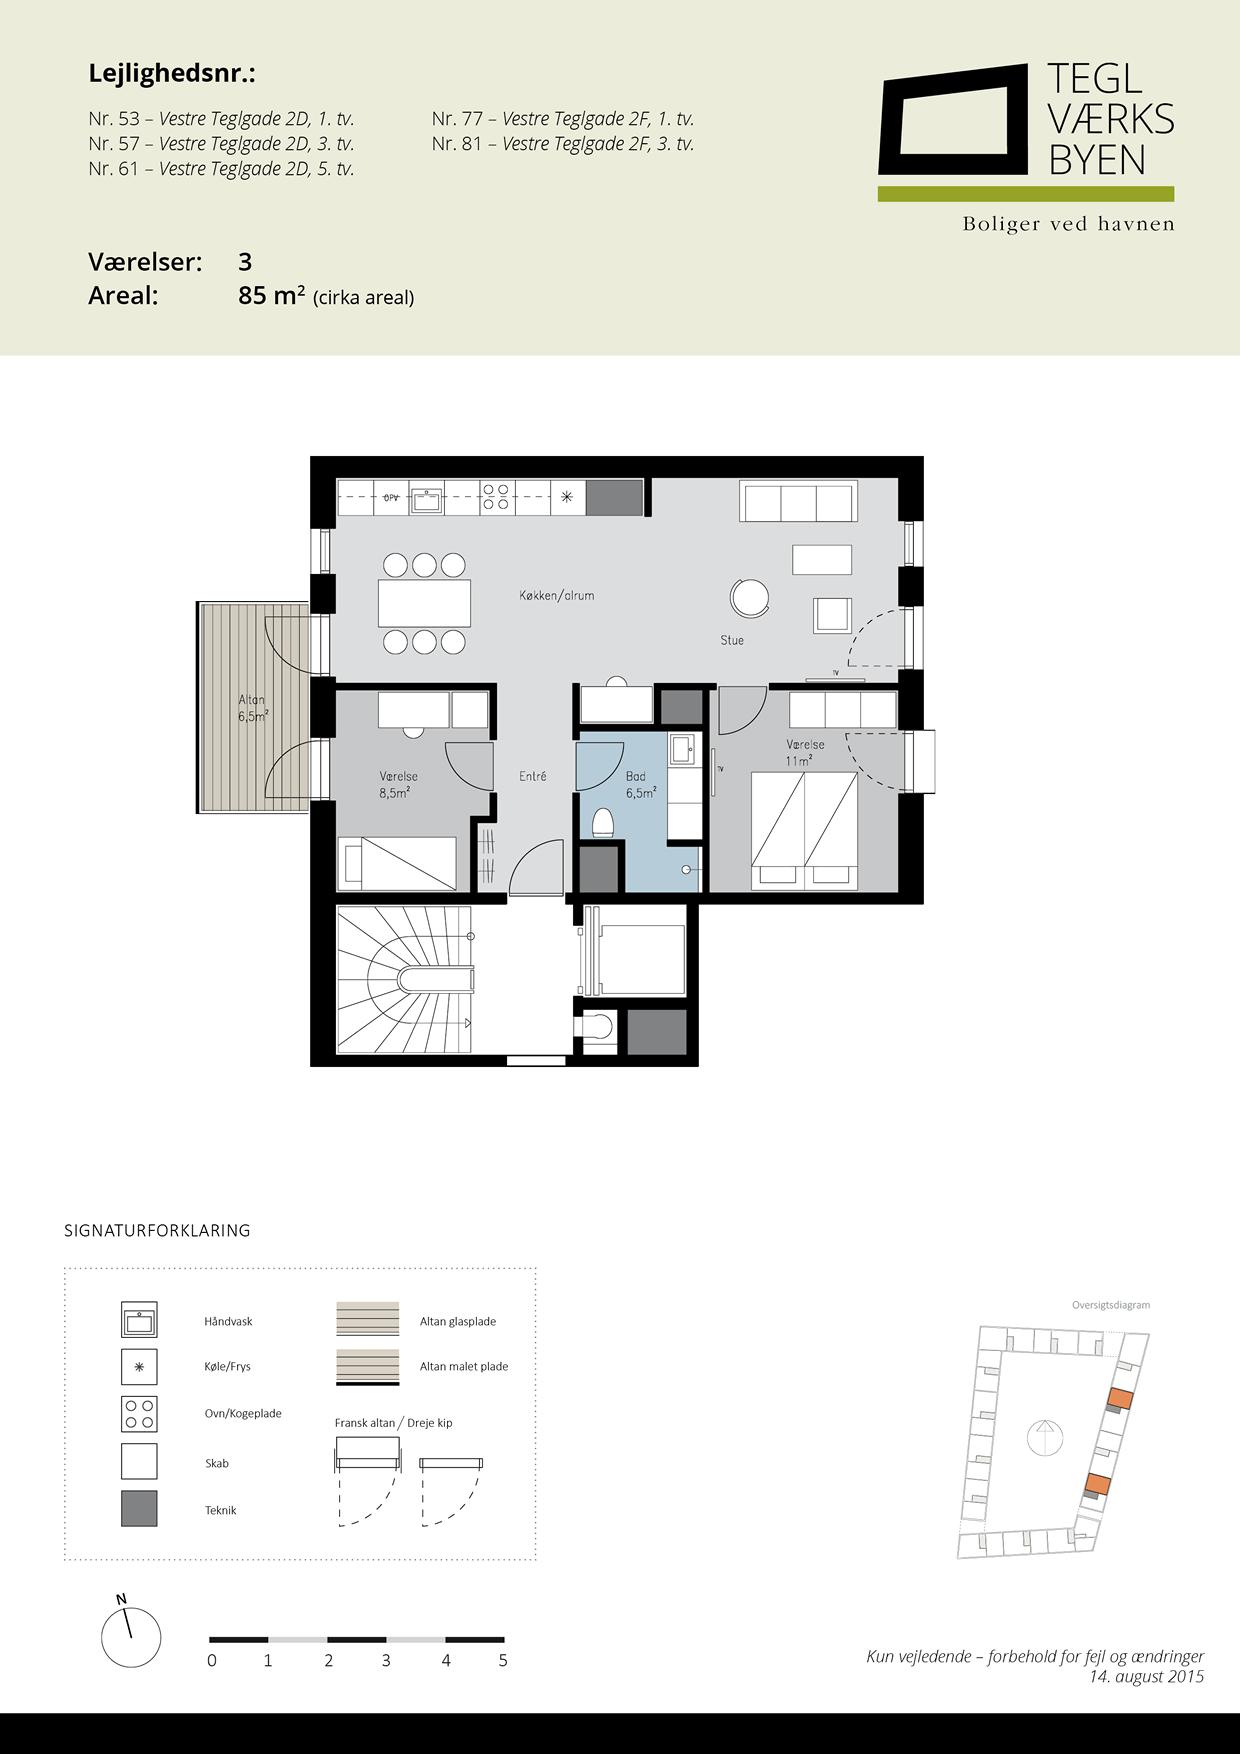 Teglvaerksbyen_53-57-61-77-81_plan